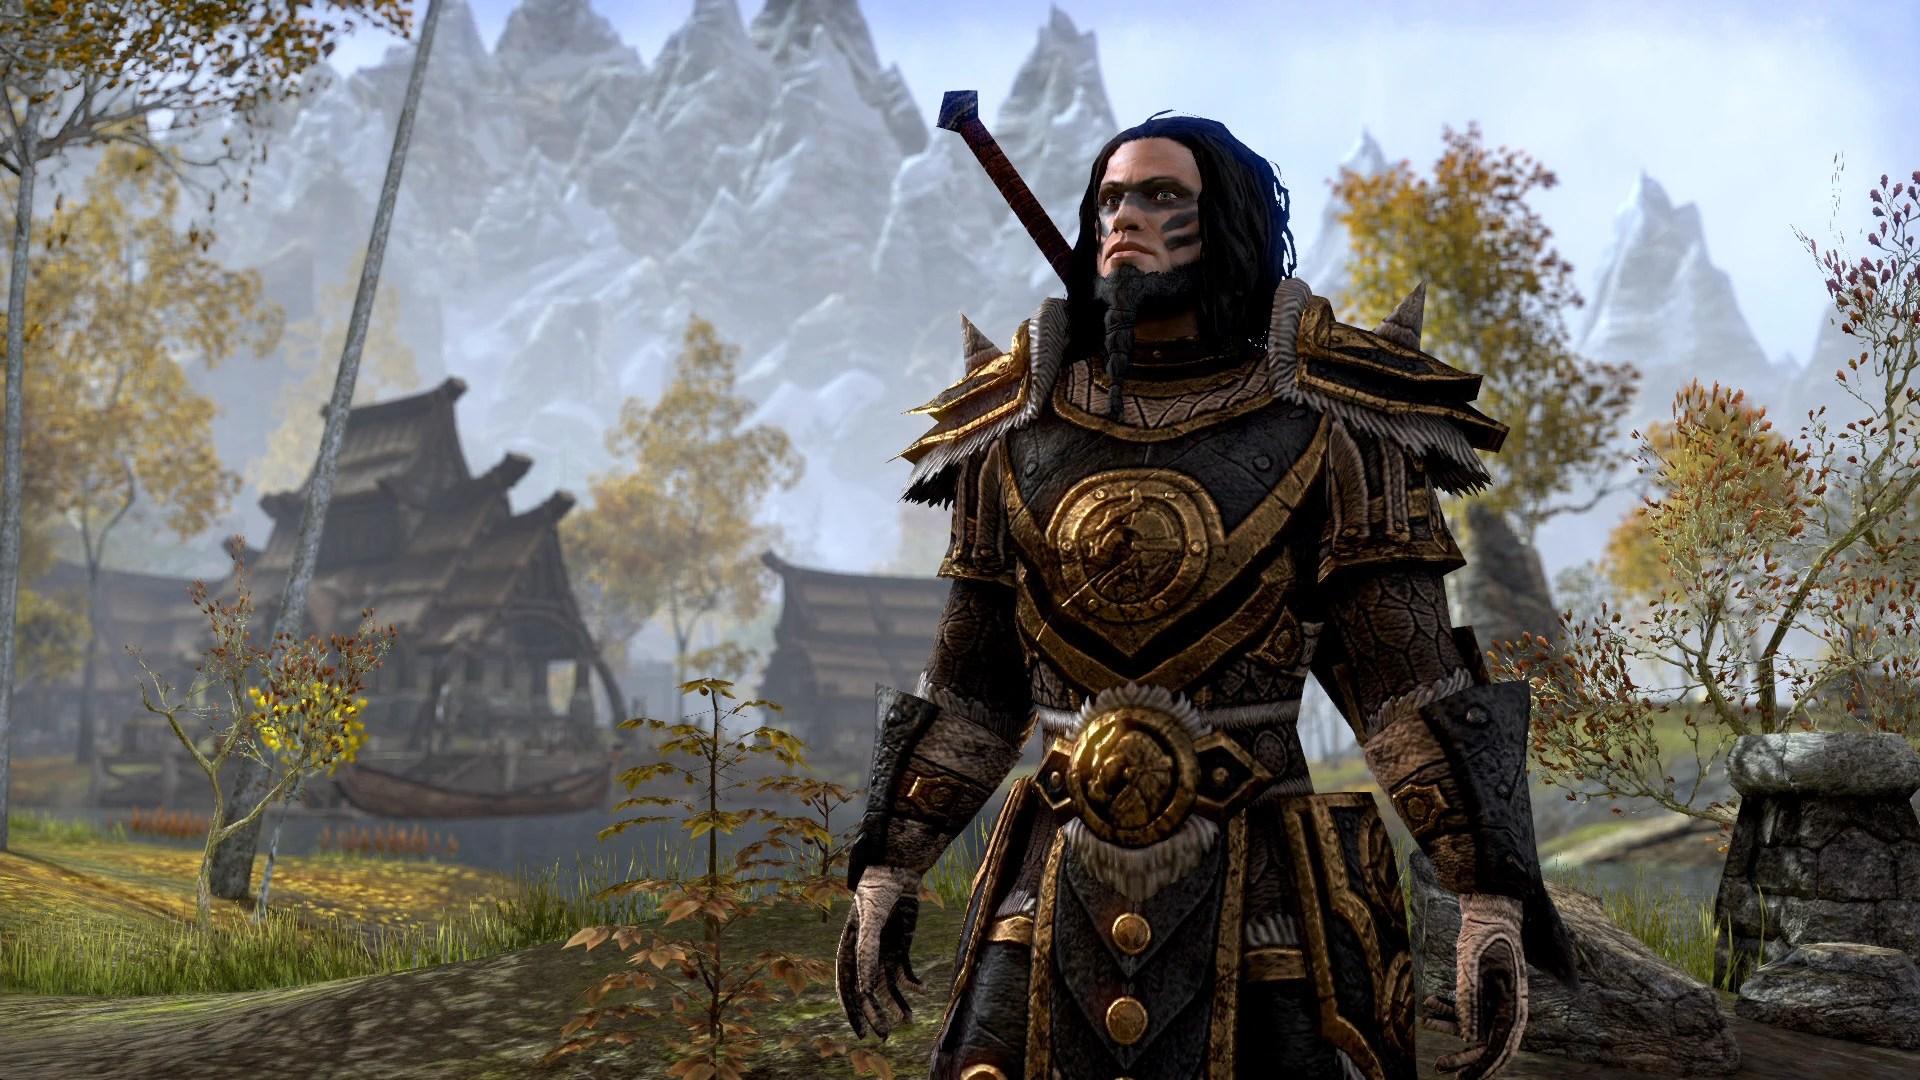 Nord Online Elder Scrolls Fandom powered by Wikia